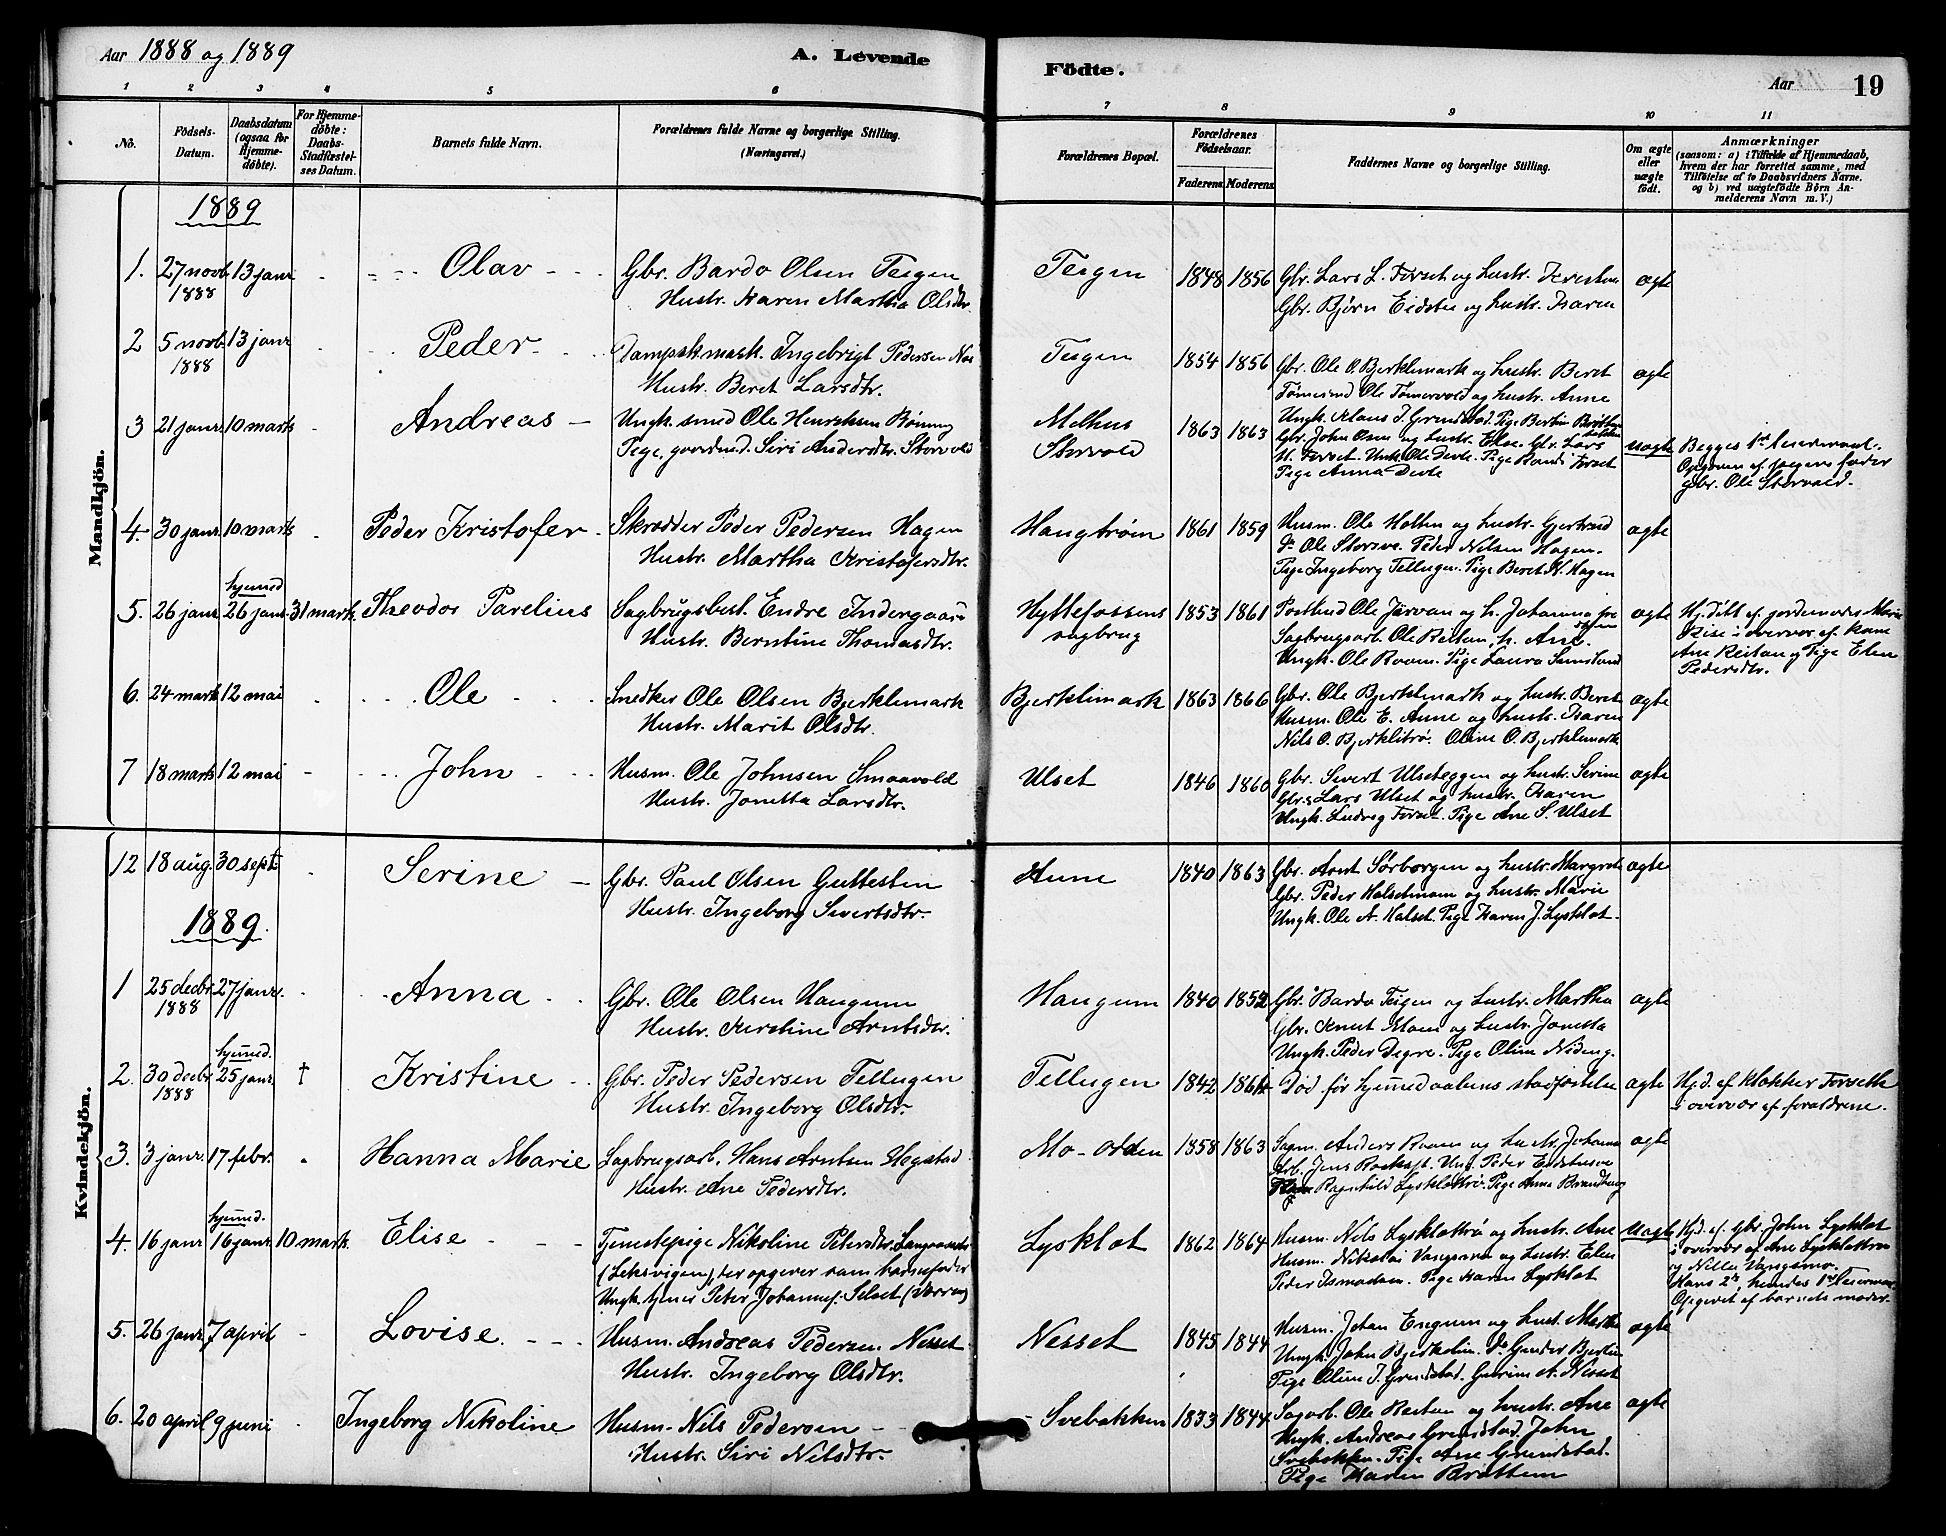 SAT, Ministerialprotokoller, klokkerbøker og fødselsregistre - Sør-Trøndelag, 618/L0444: Ministerialbok nr. 618A07, 1880-1898, s. 19